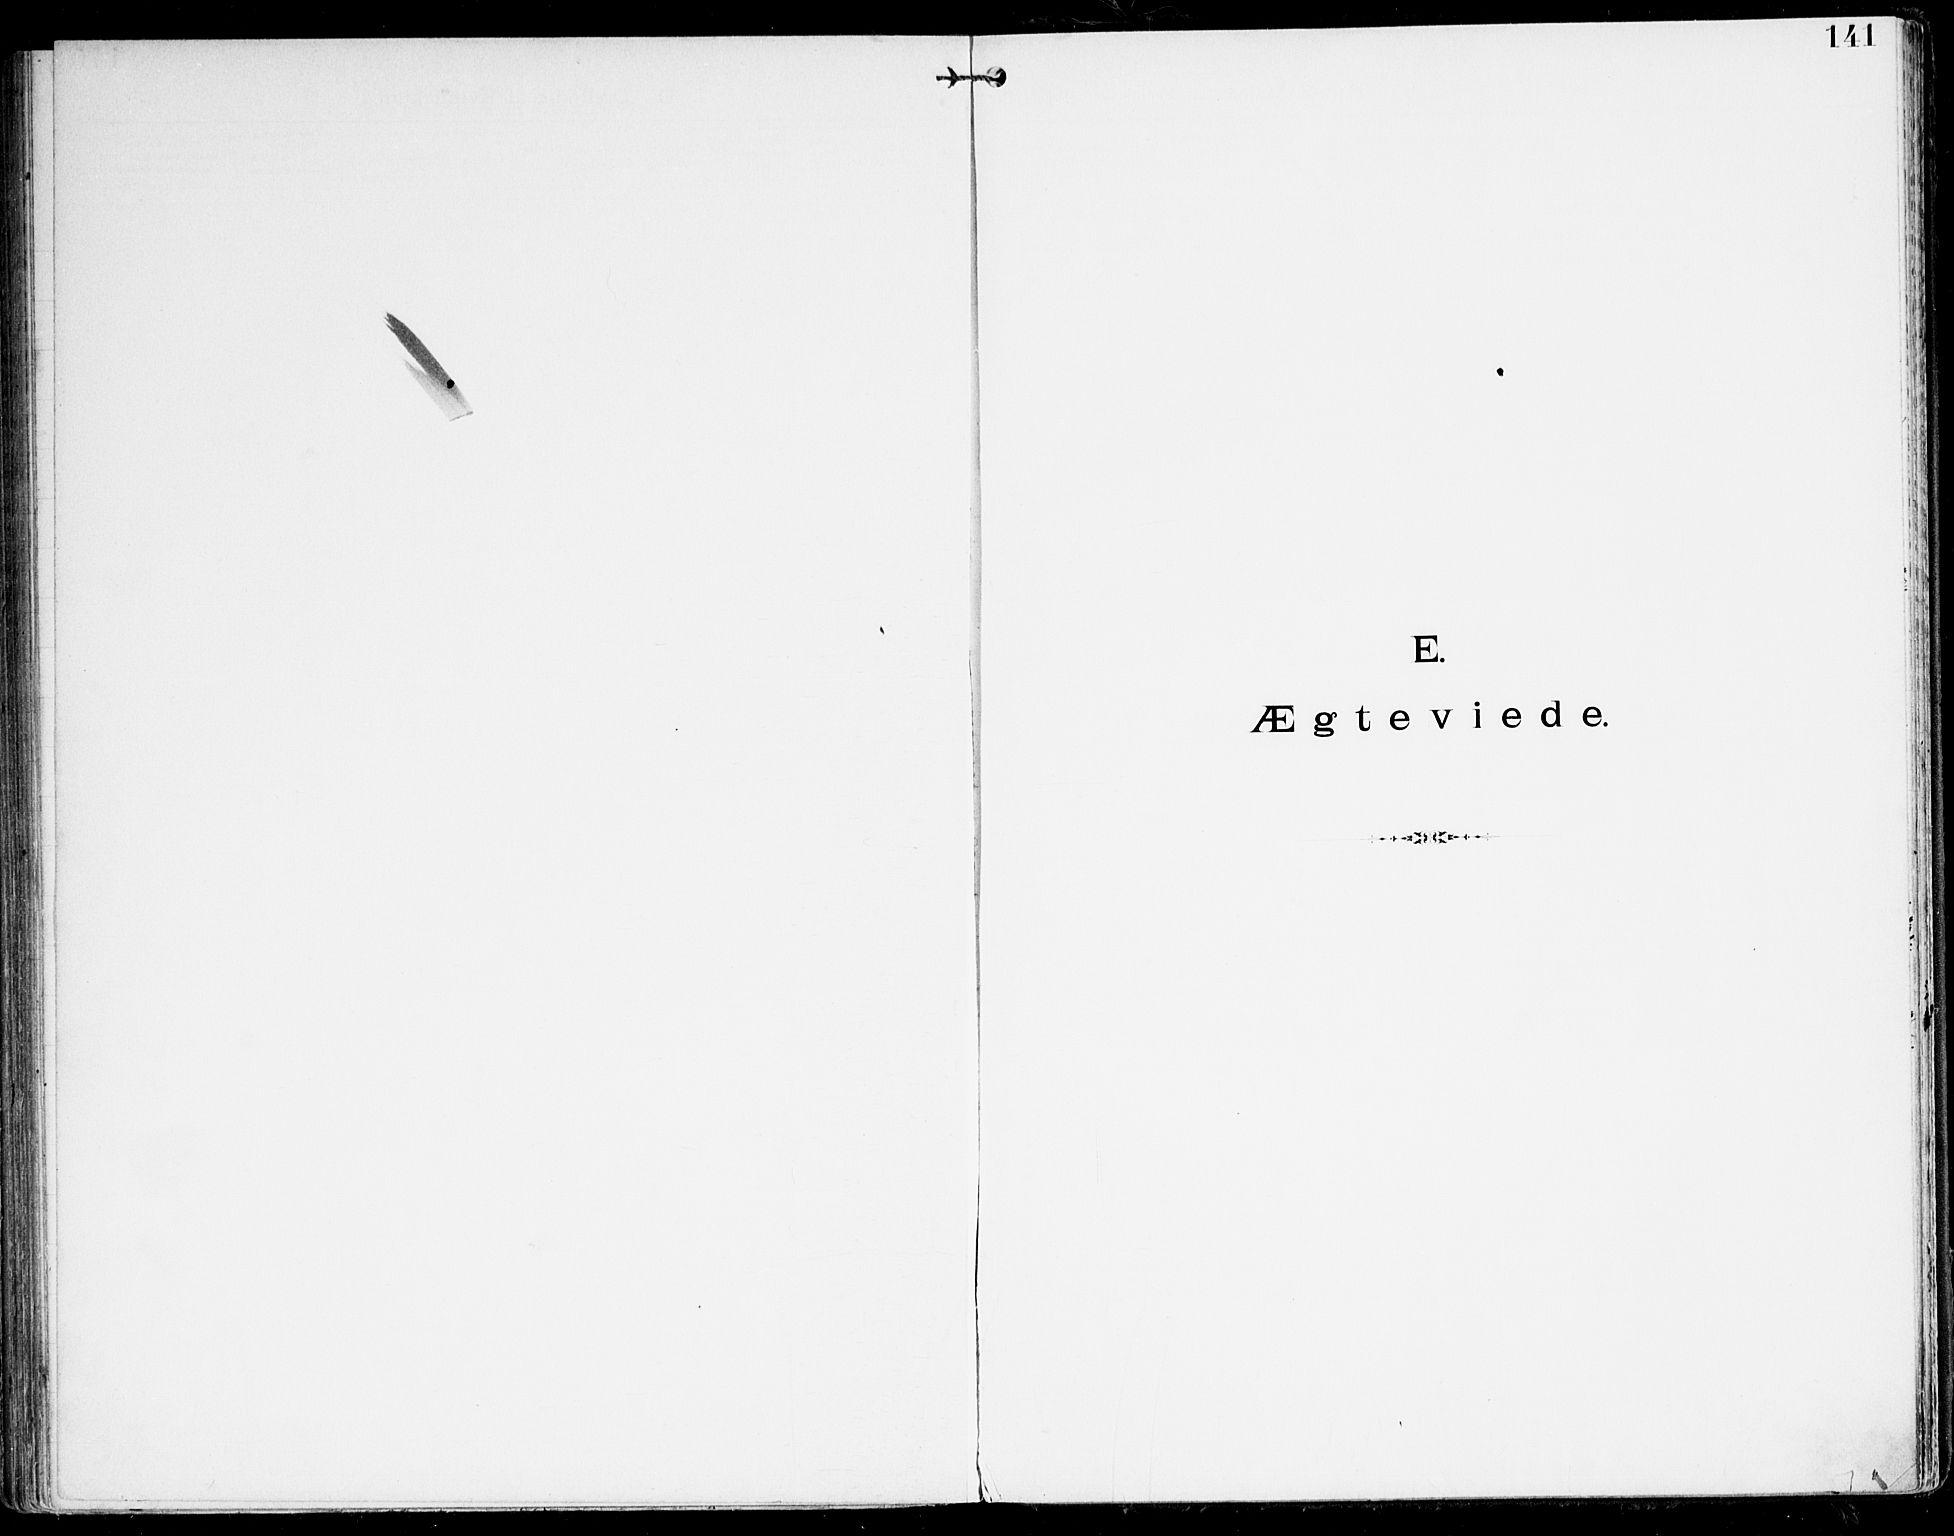 SAK, Den evangelisk-lutherske frikirke, Kristiansand, F/Fa/L0003: Dissenter register no. F 11, 1892-1925, p. 141